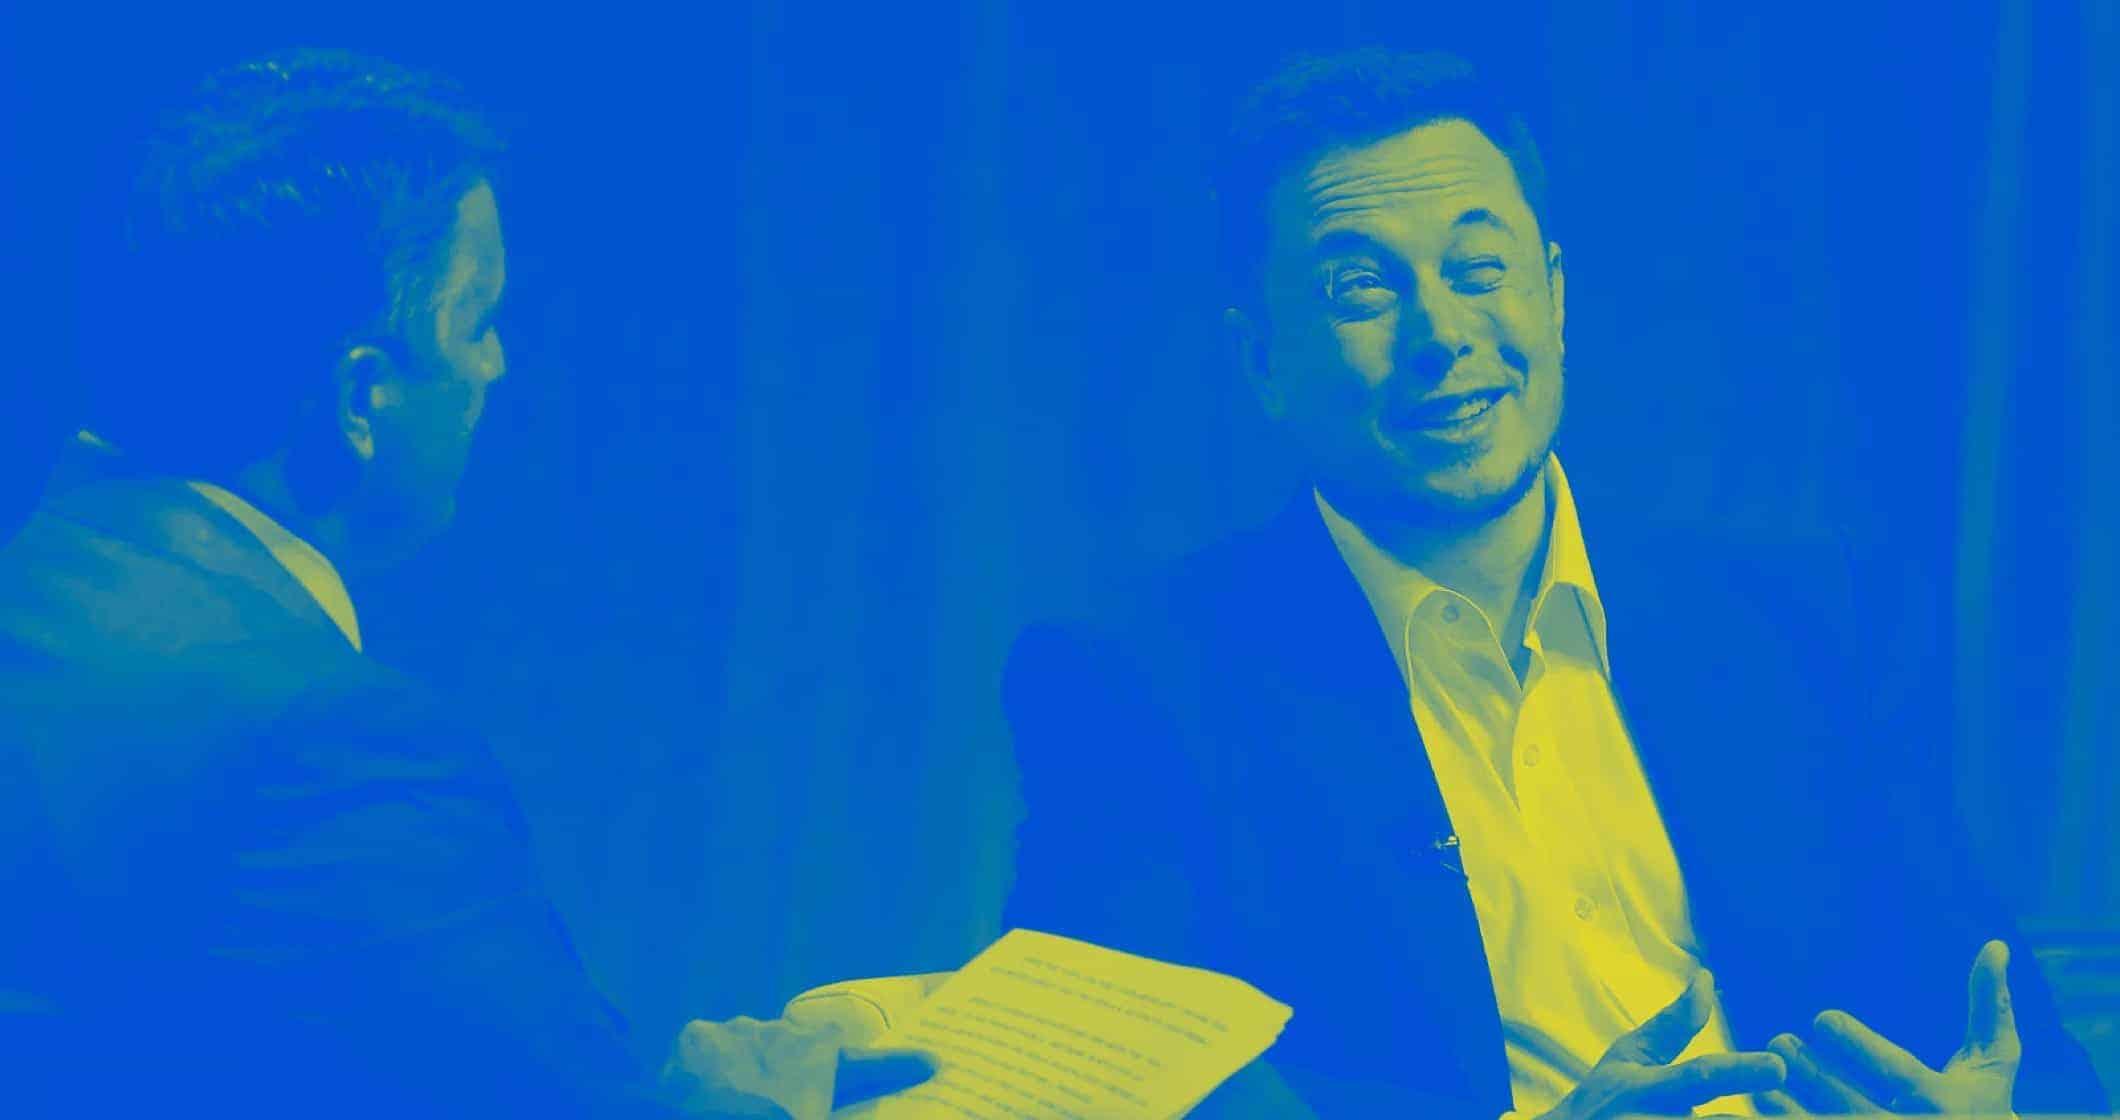 A Tesla vai sair da bolsa de New York? Esse é o desejo de Elon Musk.